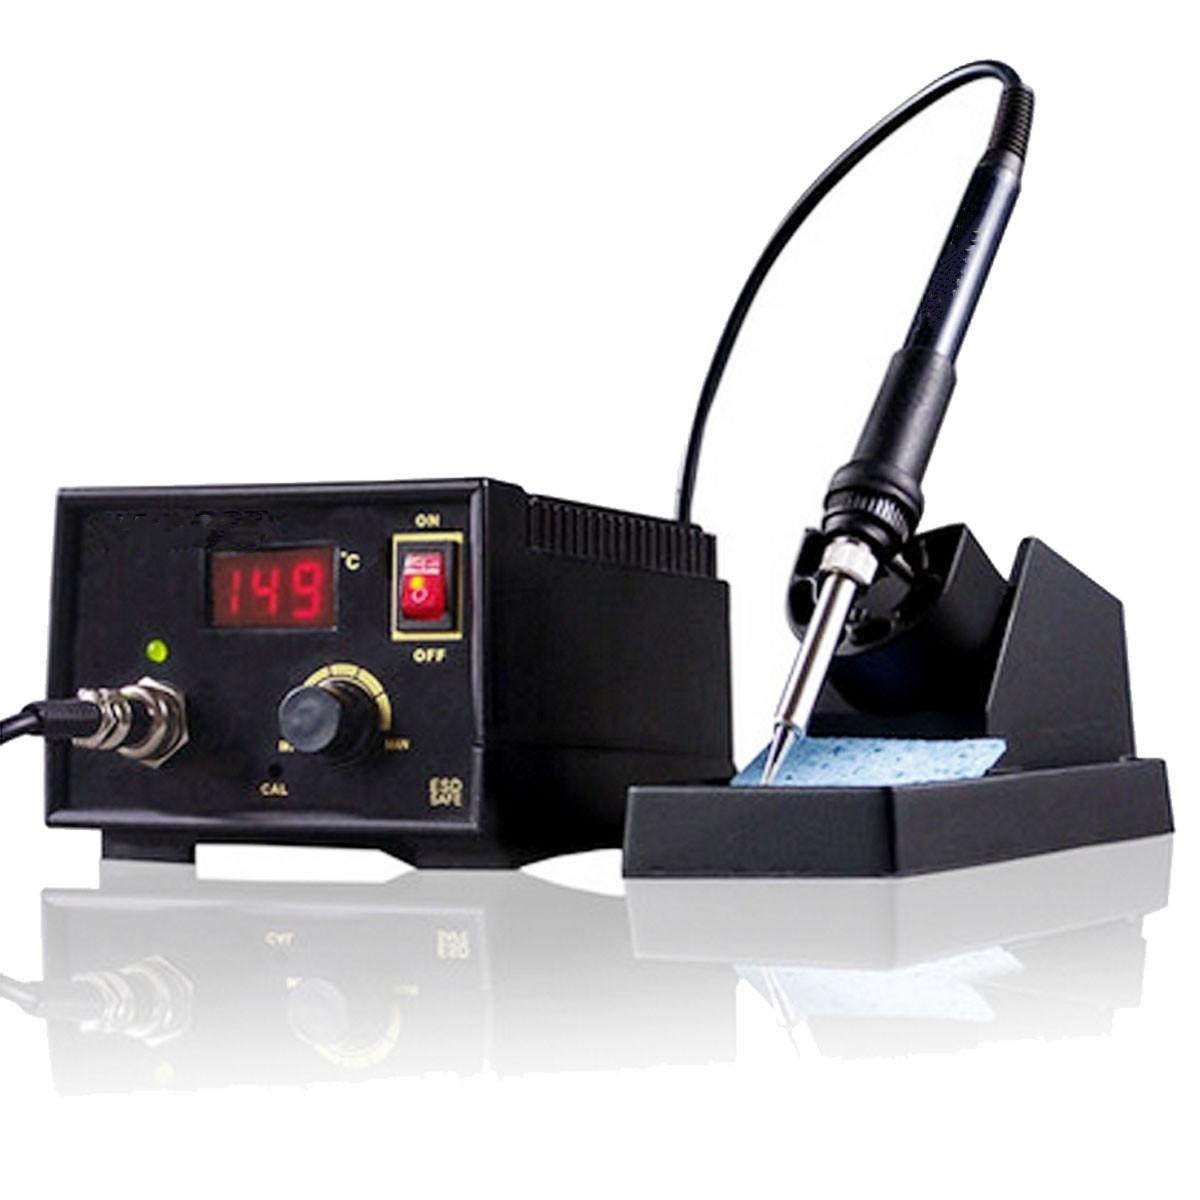 110V-220V 967 Electric Rework Soldering Station Iron LCD Display Desoldering SMD